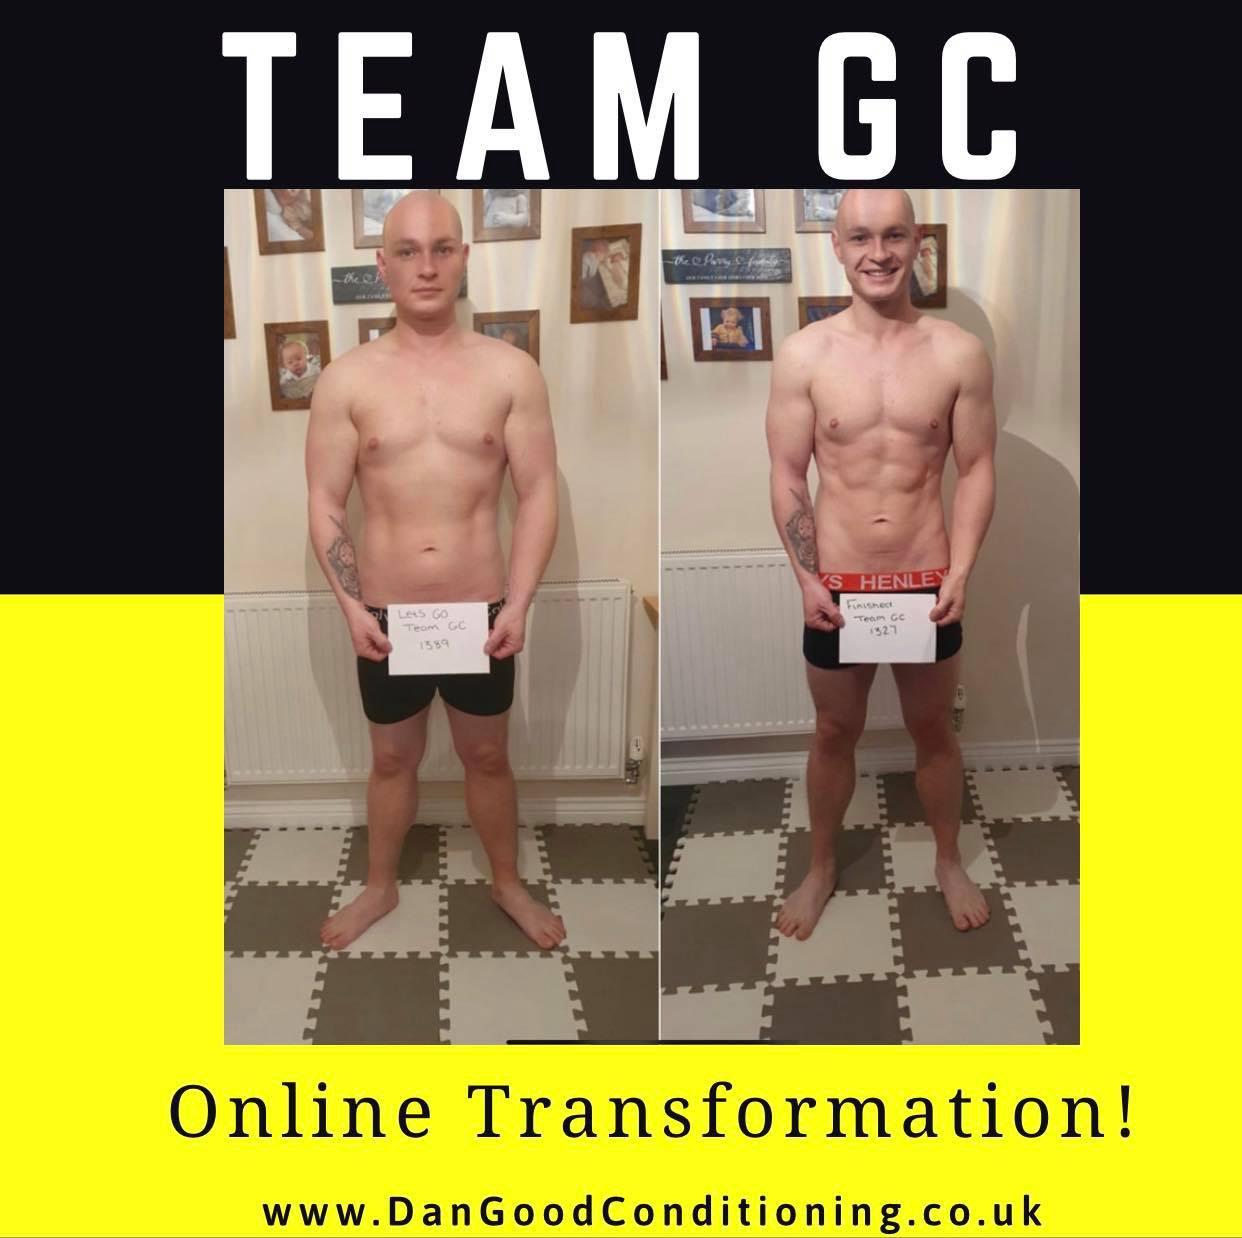 Nico Parry- Team GC Member